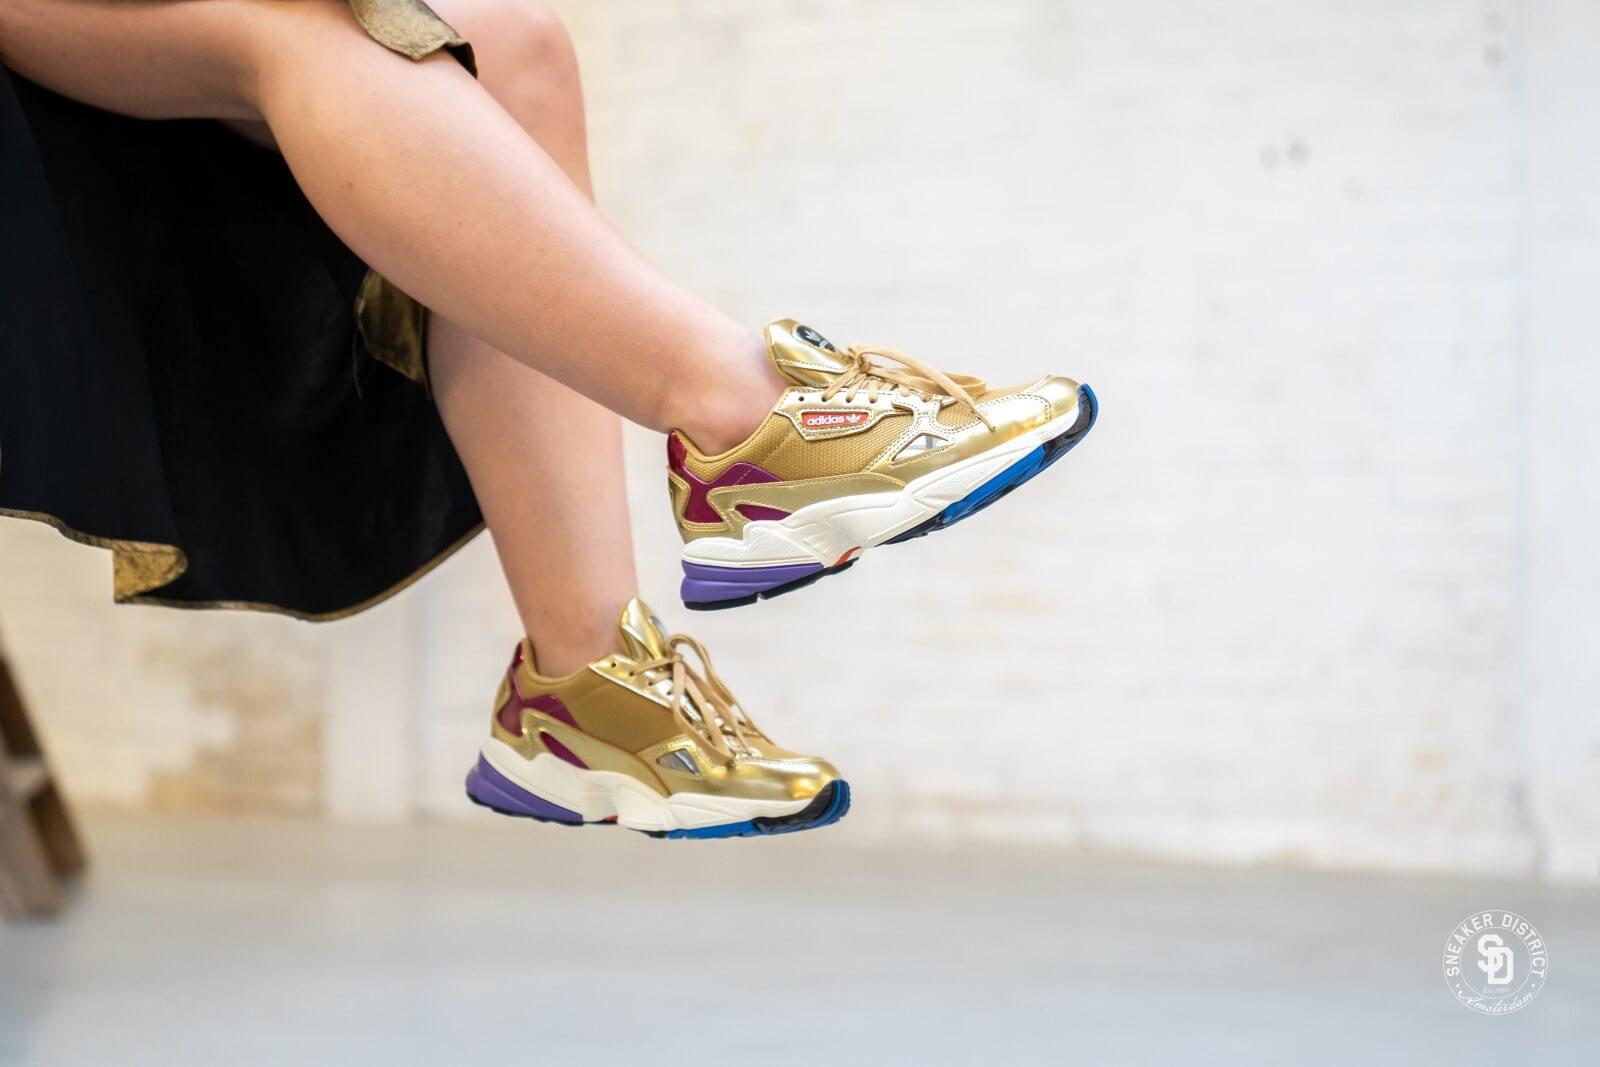 Adidas Women's Falcon Gold MetallicOff White